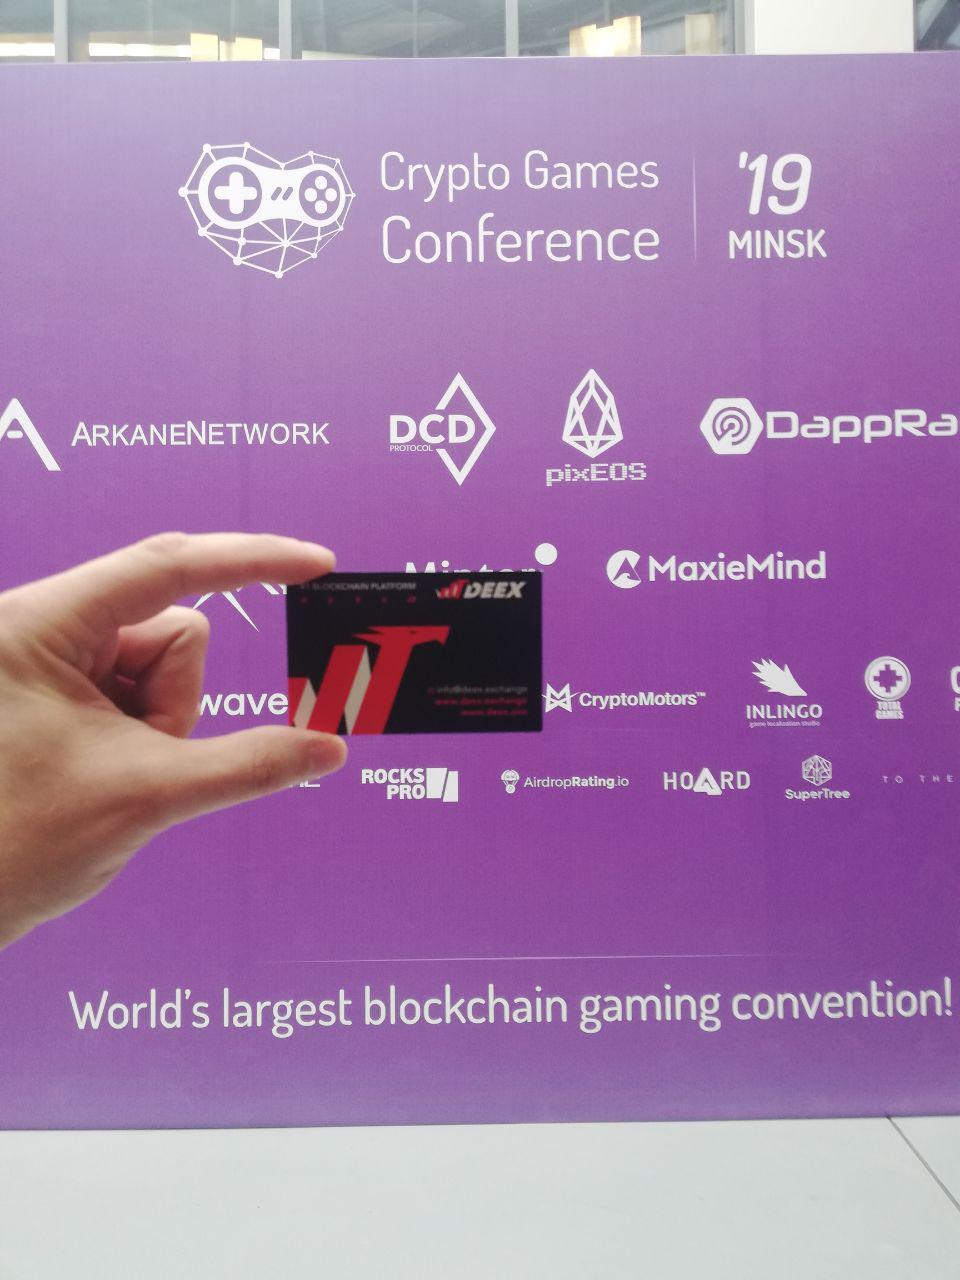 Deex отправились в Минск, где состоялась 3-я международная конференция, посвященная разработке блокчейн-игр